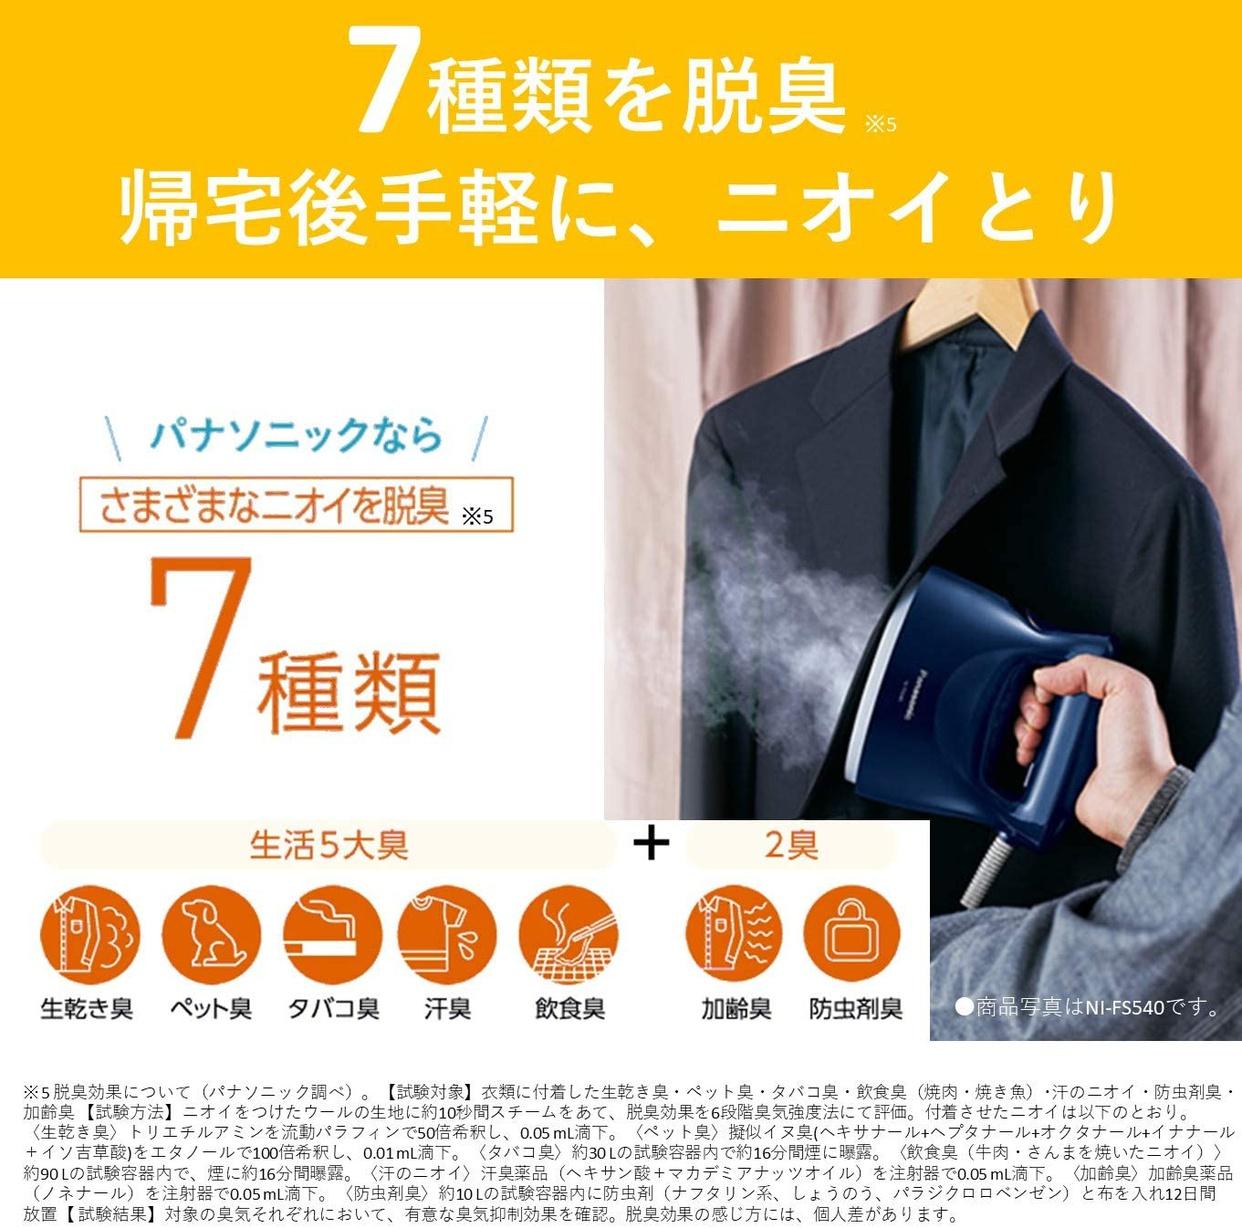 Panasonic(パナソニック) 衣類スチーマー NI-FS410の商品画像5